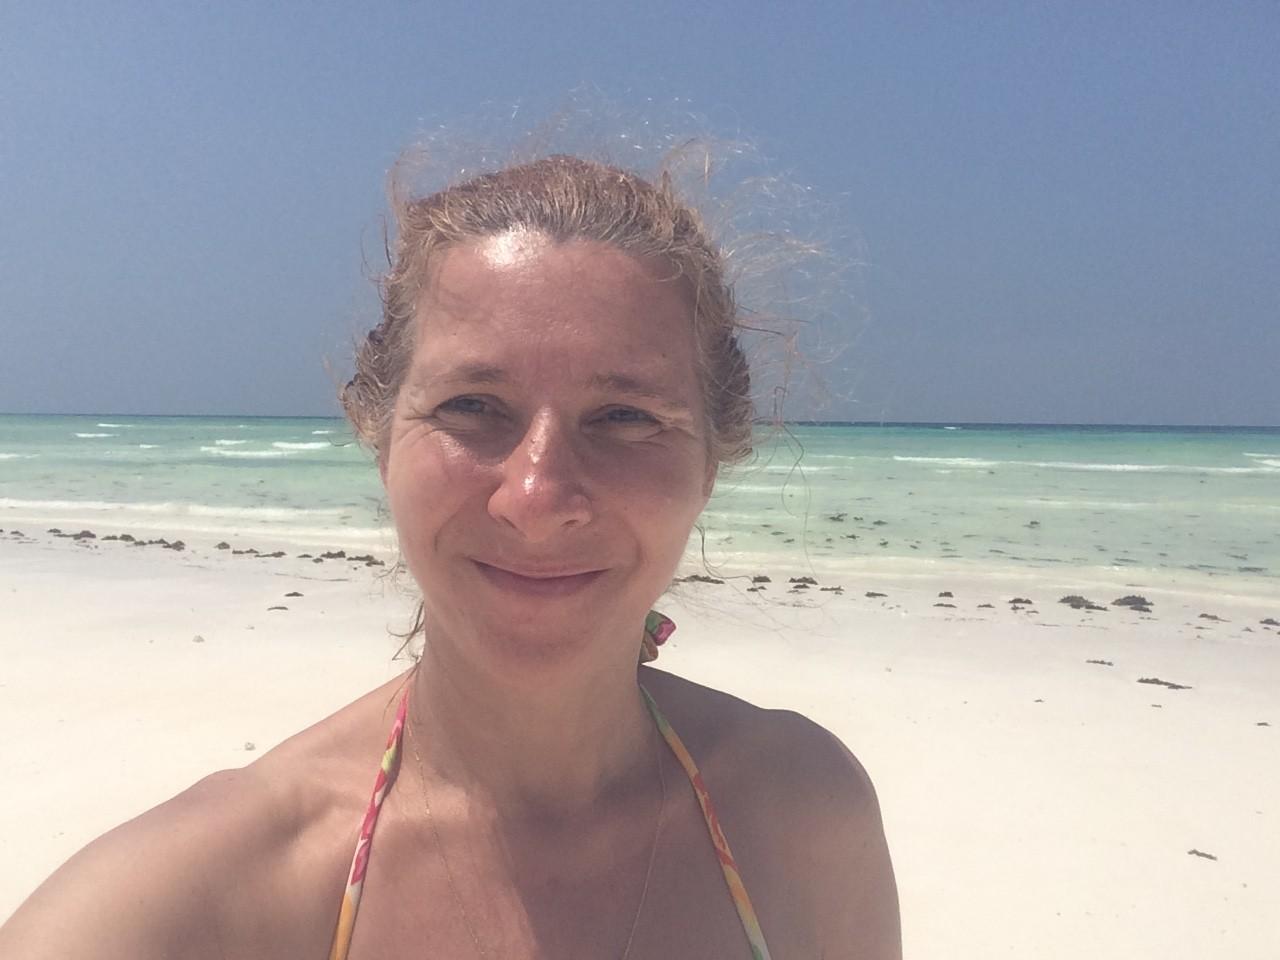 Zůčastněte se letní výzvy a on-line programu Krásní do plavek - dodržujte metabolicky vstřícný jídelníček na 28 dnů, který funguje...